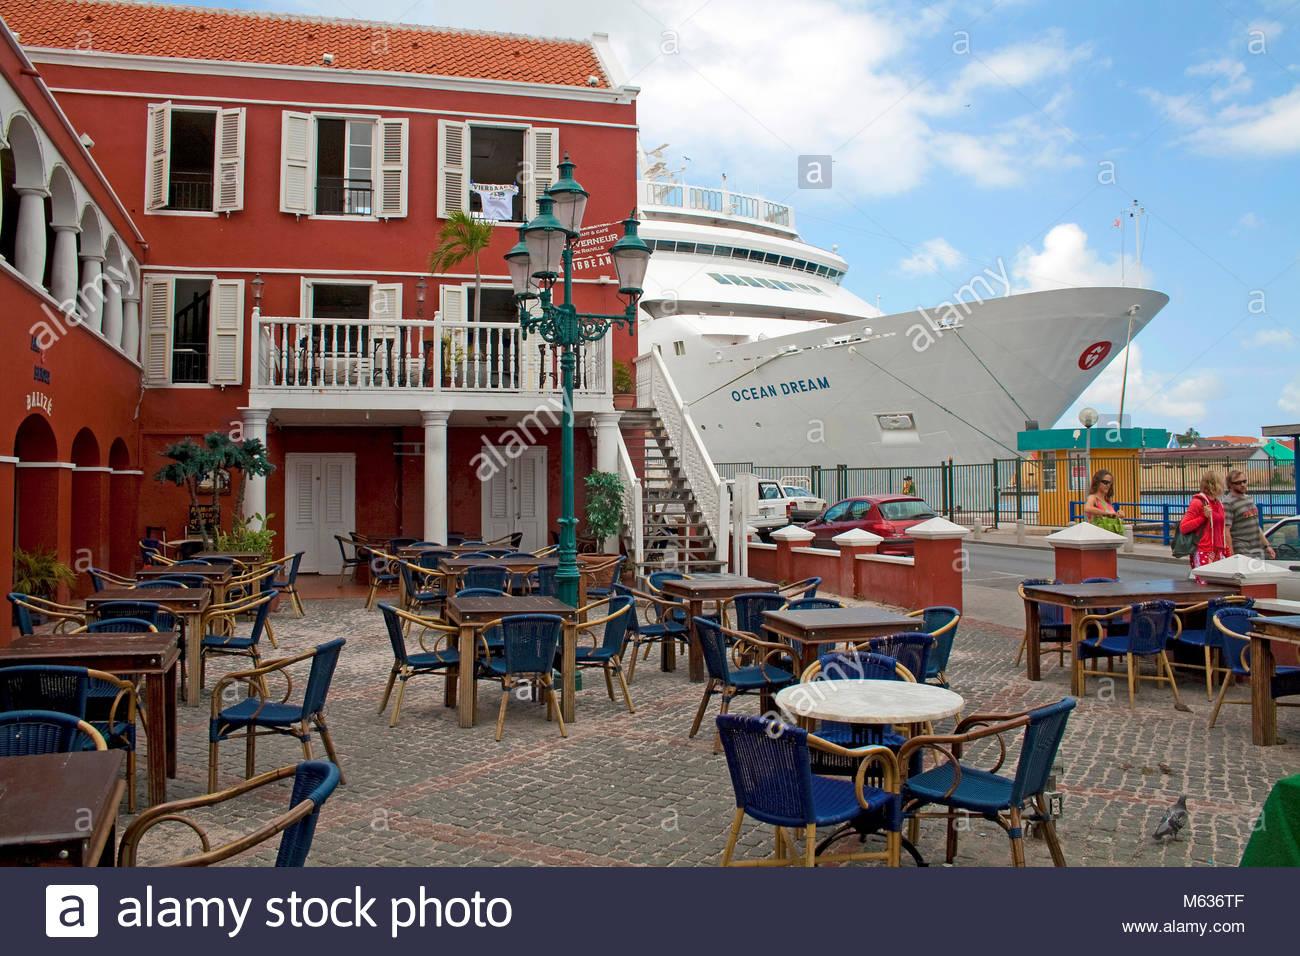 Kreuzfahrtschiff Ocean Dream in der Sint Anna Baai, Stadtteil Otrobanda, Willemstad, Curacao, Niederlaendische Antillen, Stockbild